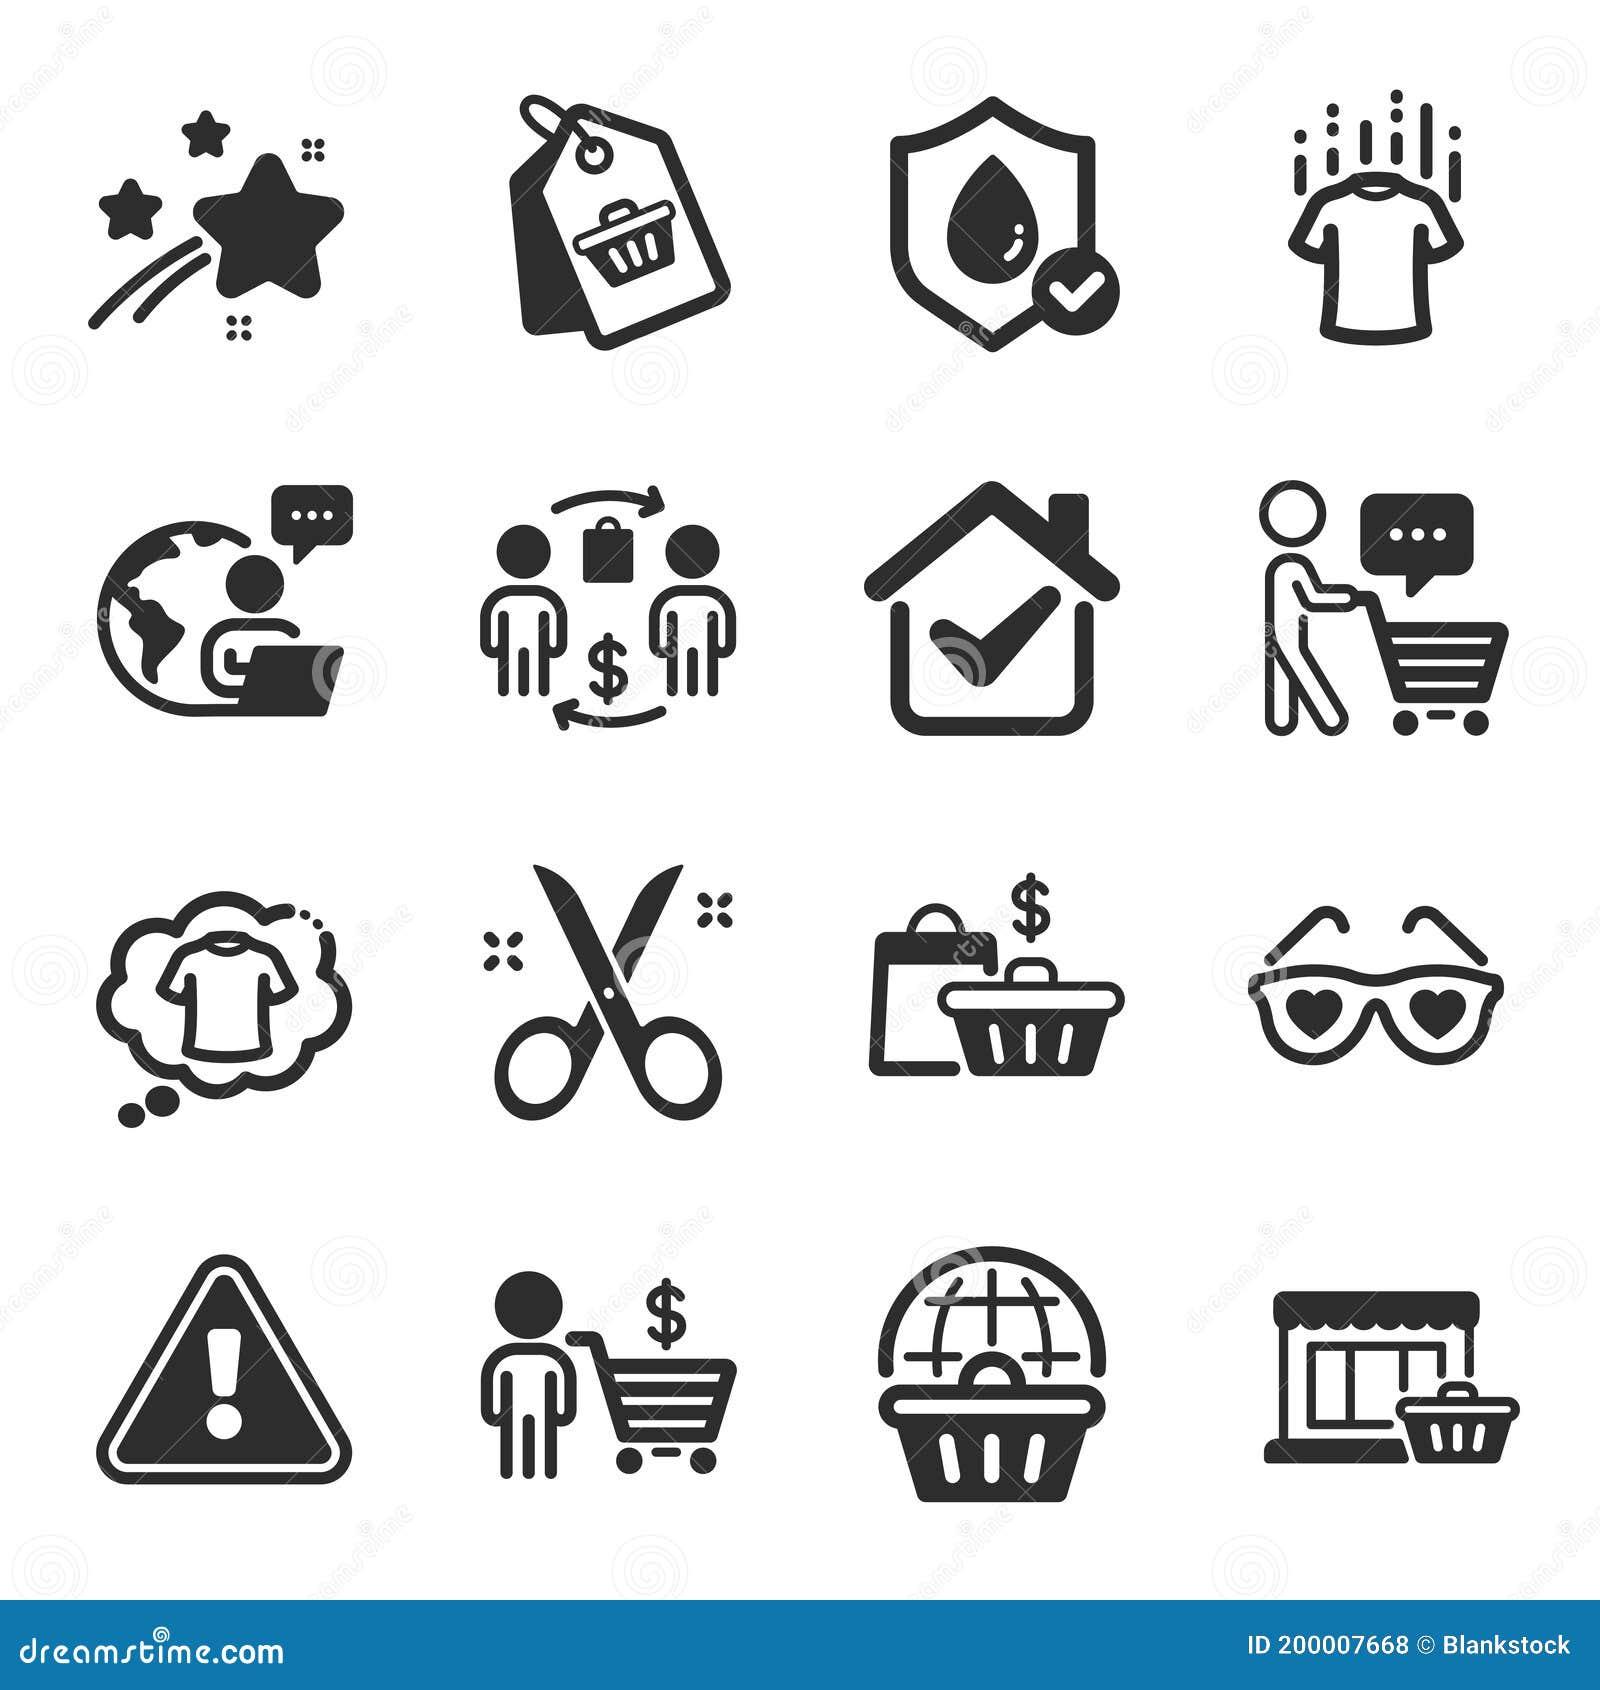 Juego De Iconos De Moda Como La Etiqueta De Venta Bolsas De Venta Símbolos De Pensamiento Del Comprador Vector Ilustración Del Vector Ilustración De Problema Papel 200007668